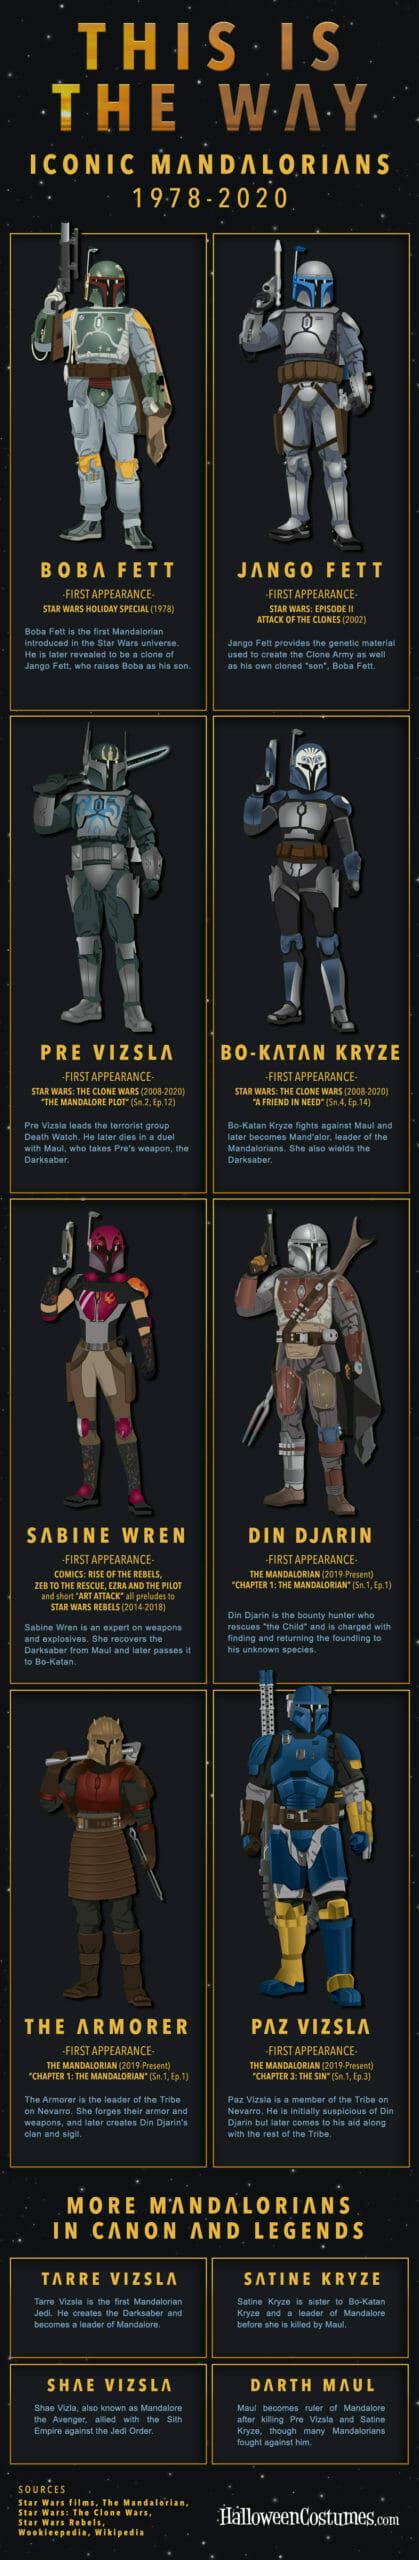 Iconic Mandalorians